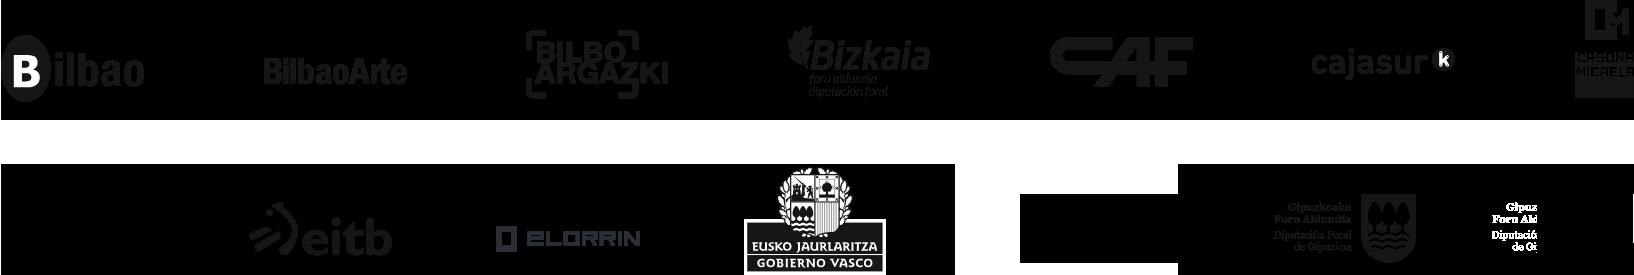 Logos_clientes_2020_2